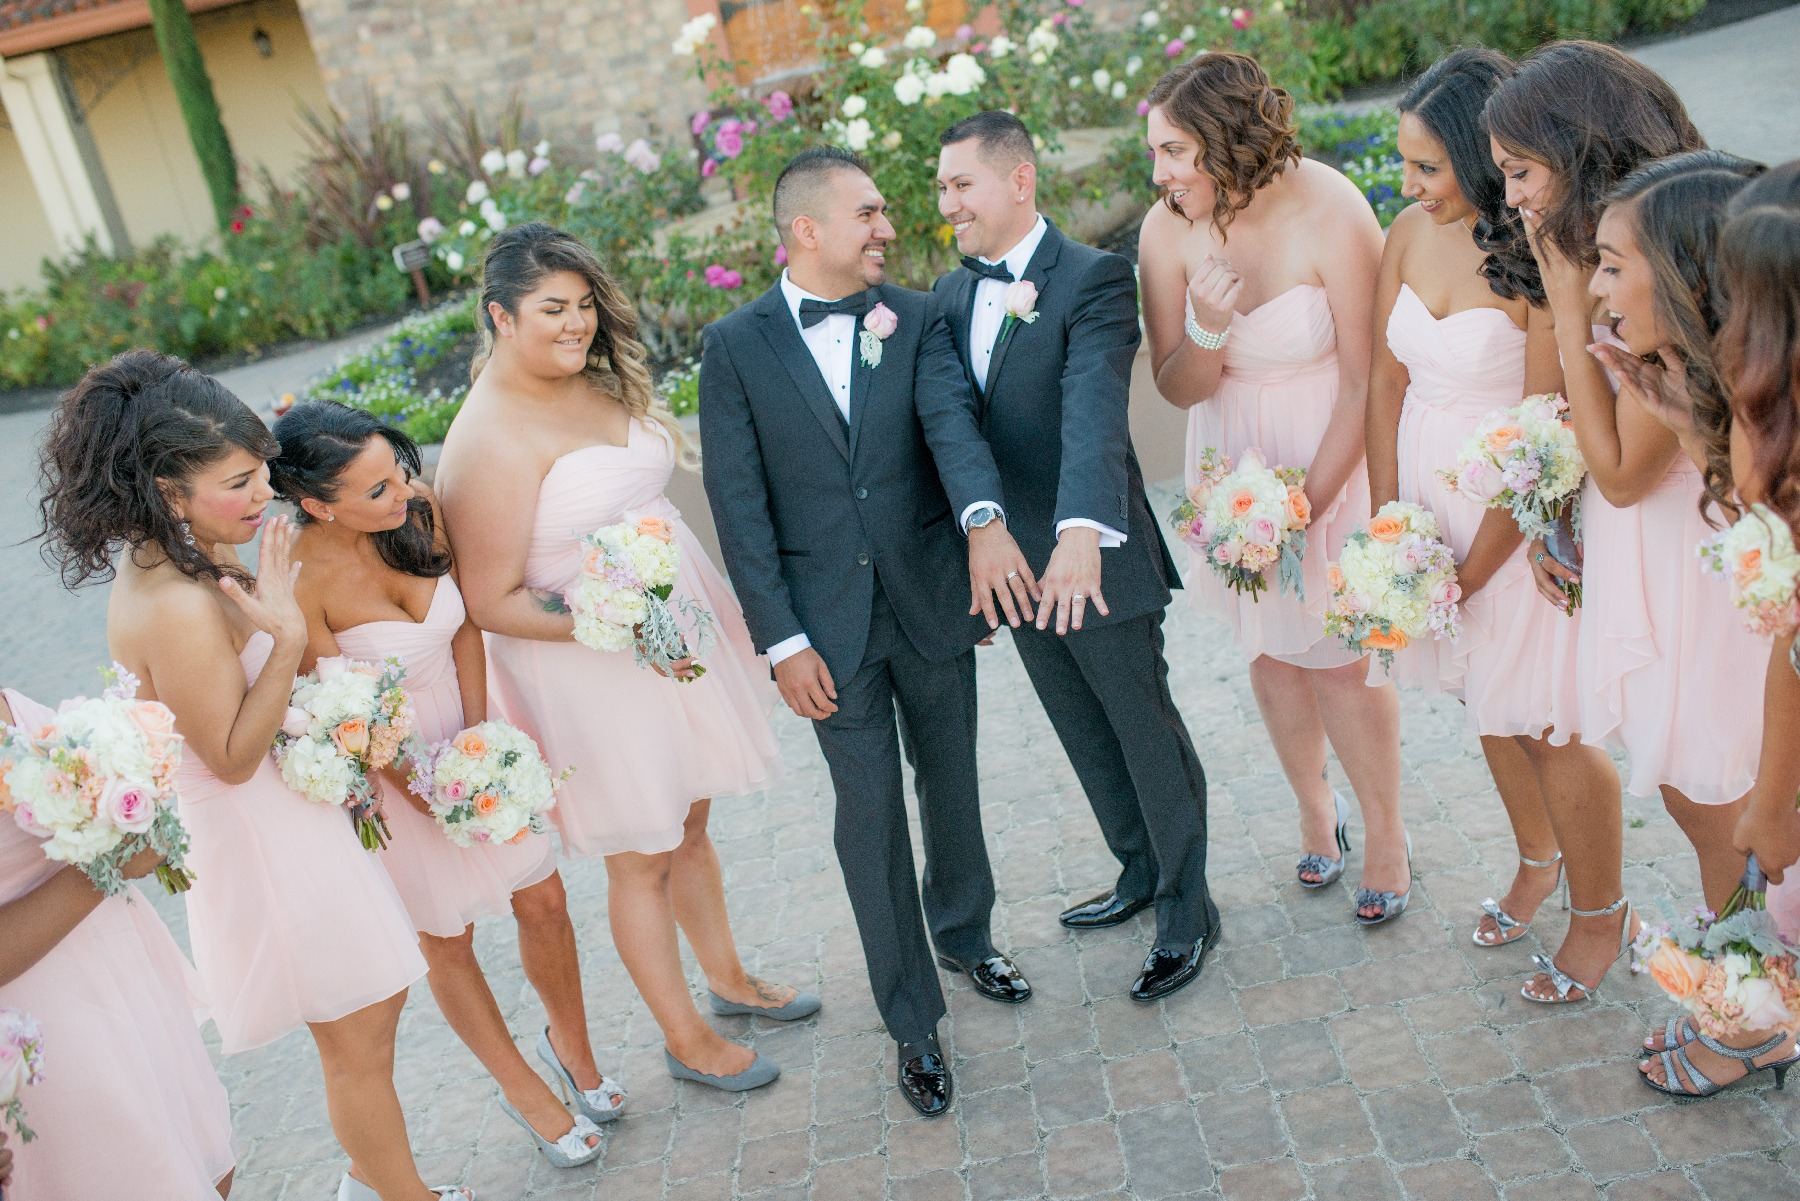 hugo and jimmy wedding 2014-10-05 32